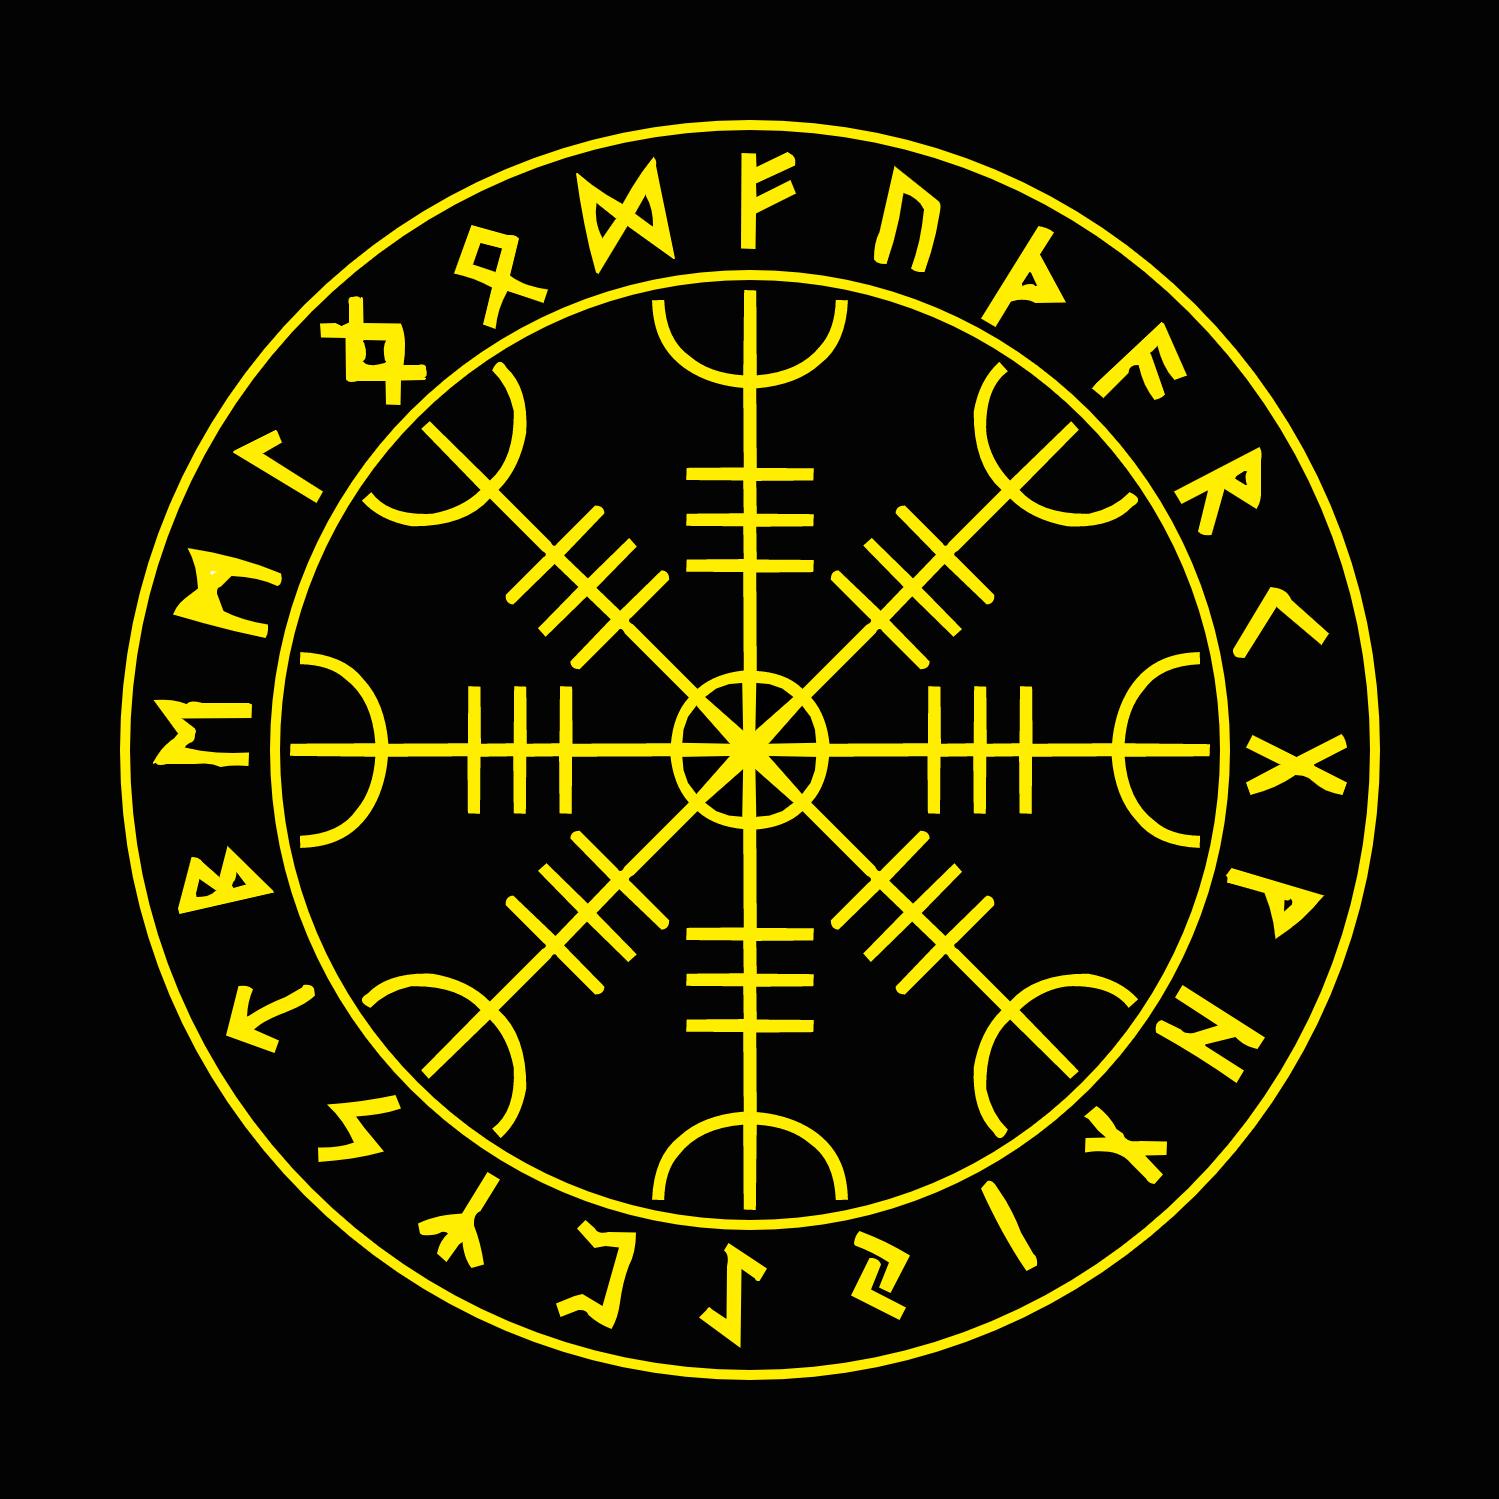 Black Mountain Druid Order